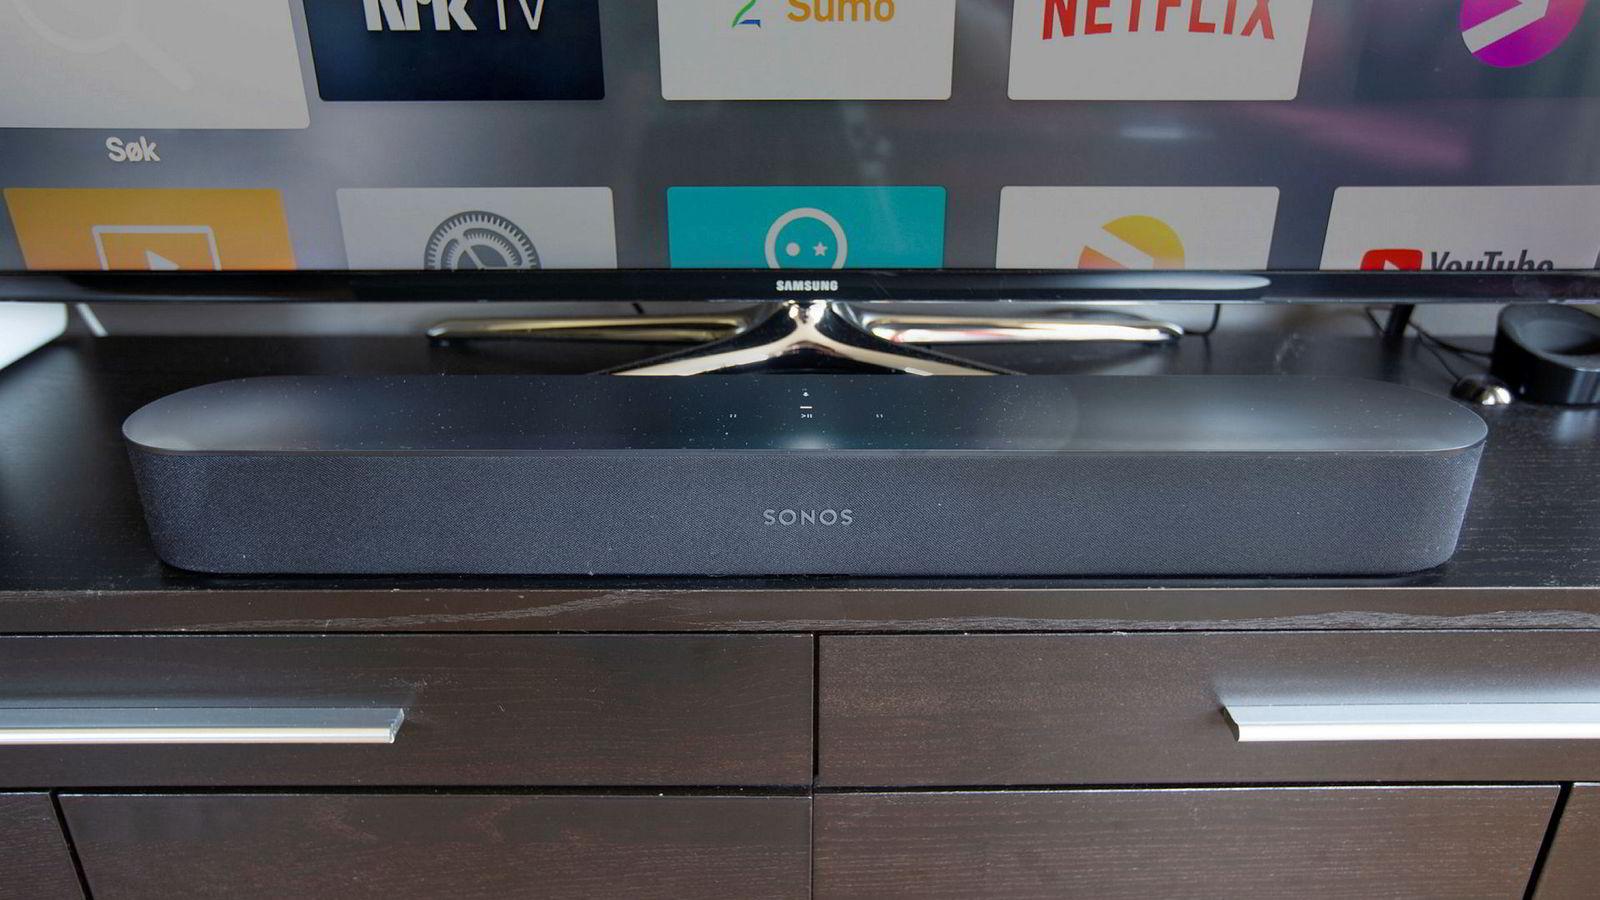 Sonos Beam senker terskelen for å bruke Sonos også til tv-lyd. Den er både mindre og rimeligere enn Sonos' eksisterende lydplanker.